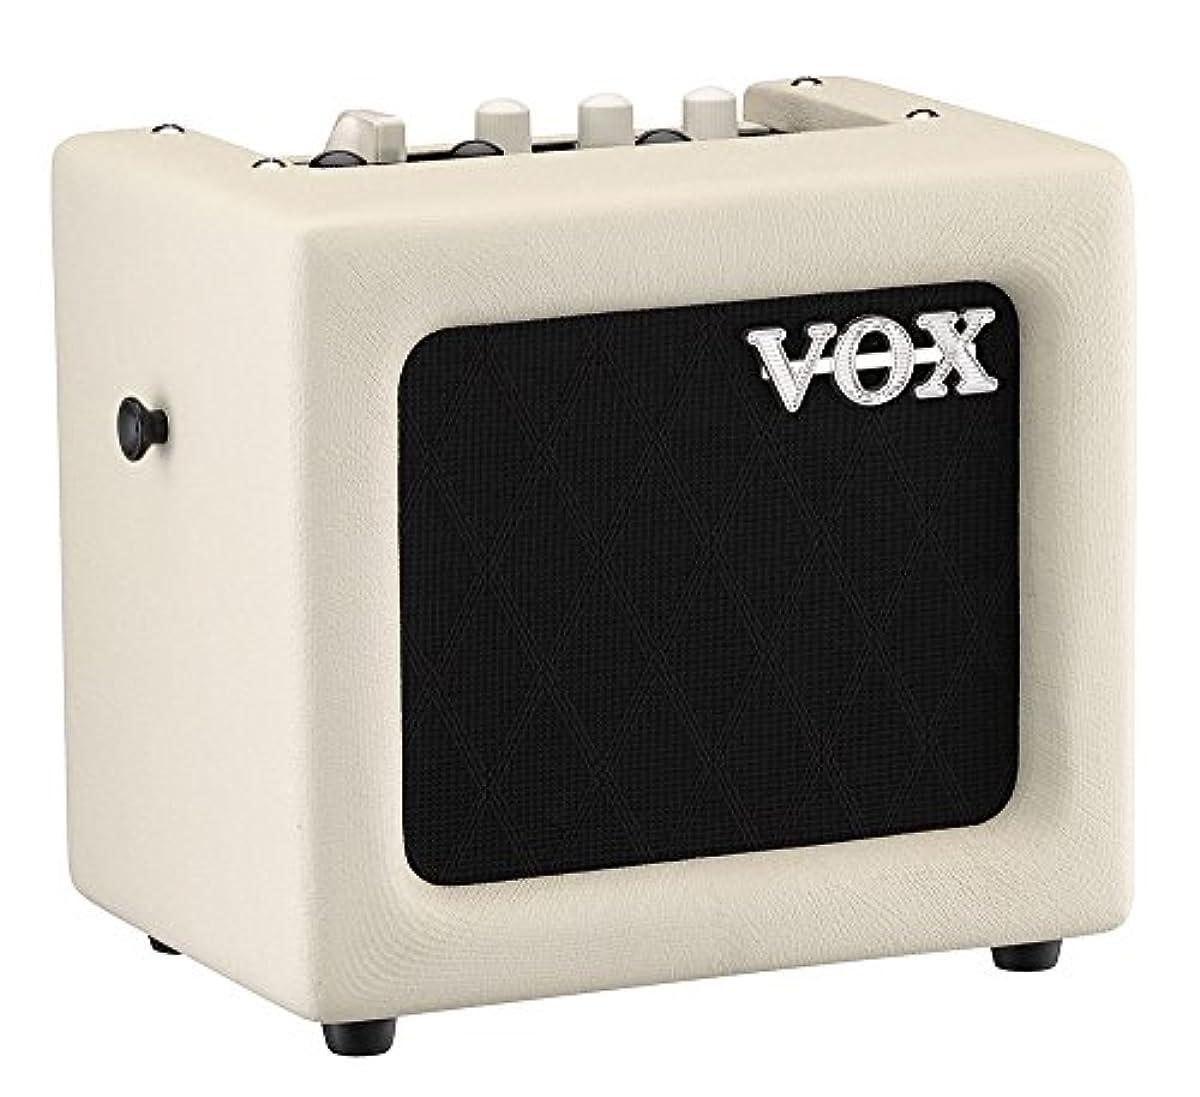 [해외] VOX 기타용 모델링 앰프 MINI3-G2 IV 아이보리리 자택 연습 스트리트에 최적 운반 전지 구동 마이크 입력 MP3접속 헤드폰 사용가 3W